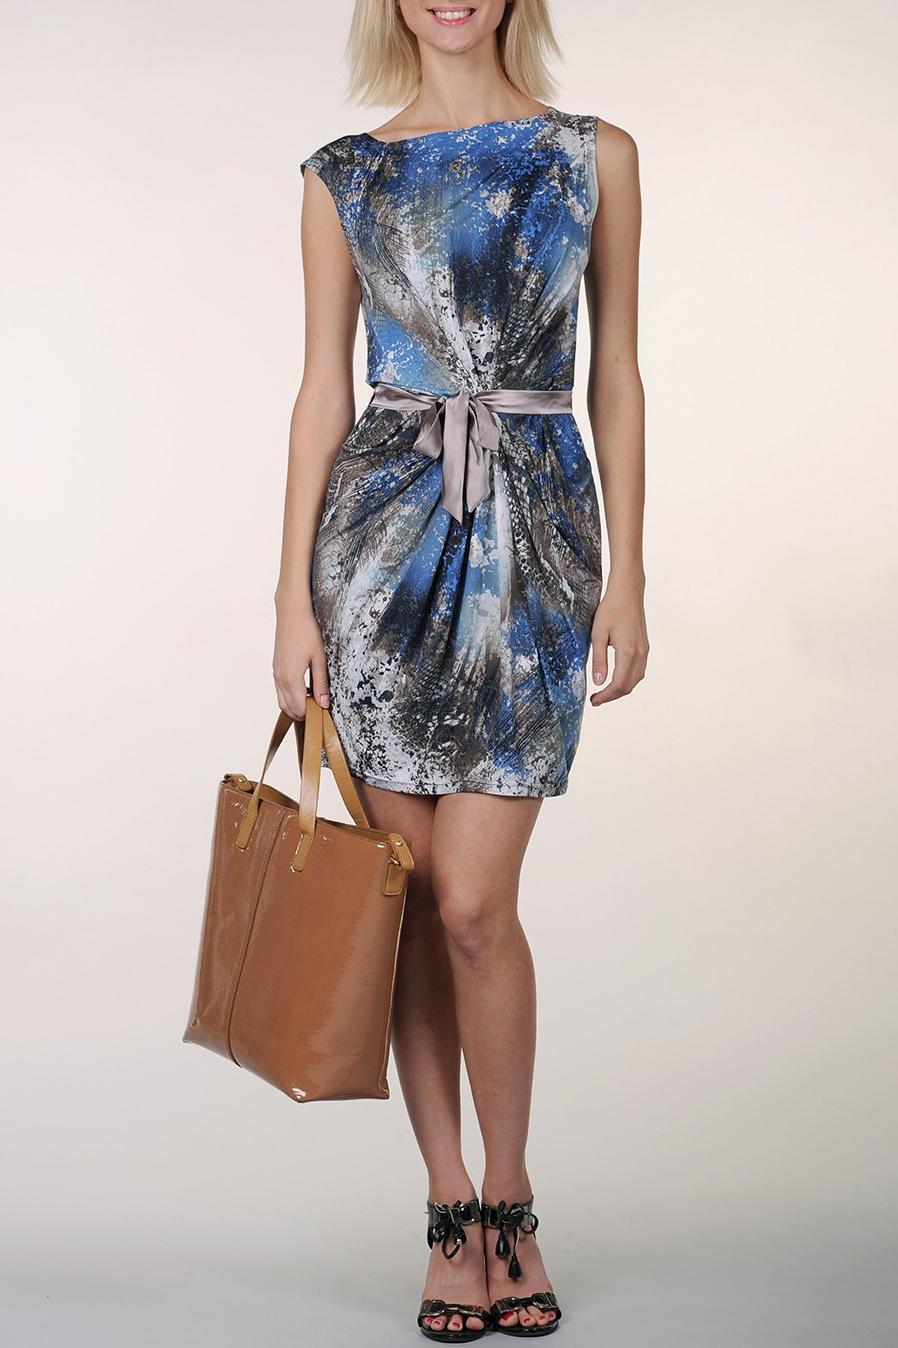 ПлатьеПлатья<br>Элегантное женское платье с горловиной лодочка, без рукавов. Модель выполнена из приятного трикотажа. Отличный вариант для повседневного гардероба.  Цвет: серый, голубой, белый<br><br>Горловина: Лодочка<br>По материалу: Трикотаж<br>По рисунку: Цветные,С принтом<br>По стилю: Повседневный стиль<br>По форме: Платье - футляр<br>Рукав: Без рукавов<br>По сезону: Лето<br>По длине: До колена<br>По элементам: Со складками<br>По силуэту: Полуприталенные<br>Размер : 40,42,44,46<br>Материал: Холодное масло<br>Количество в наличии: 4